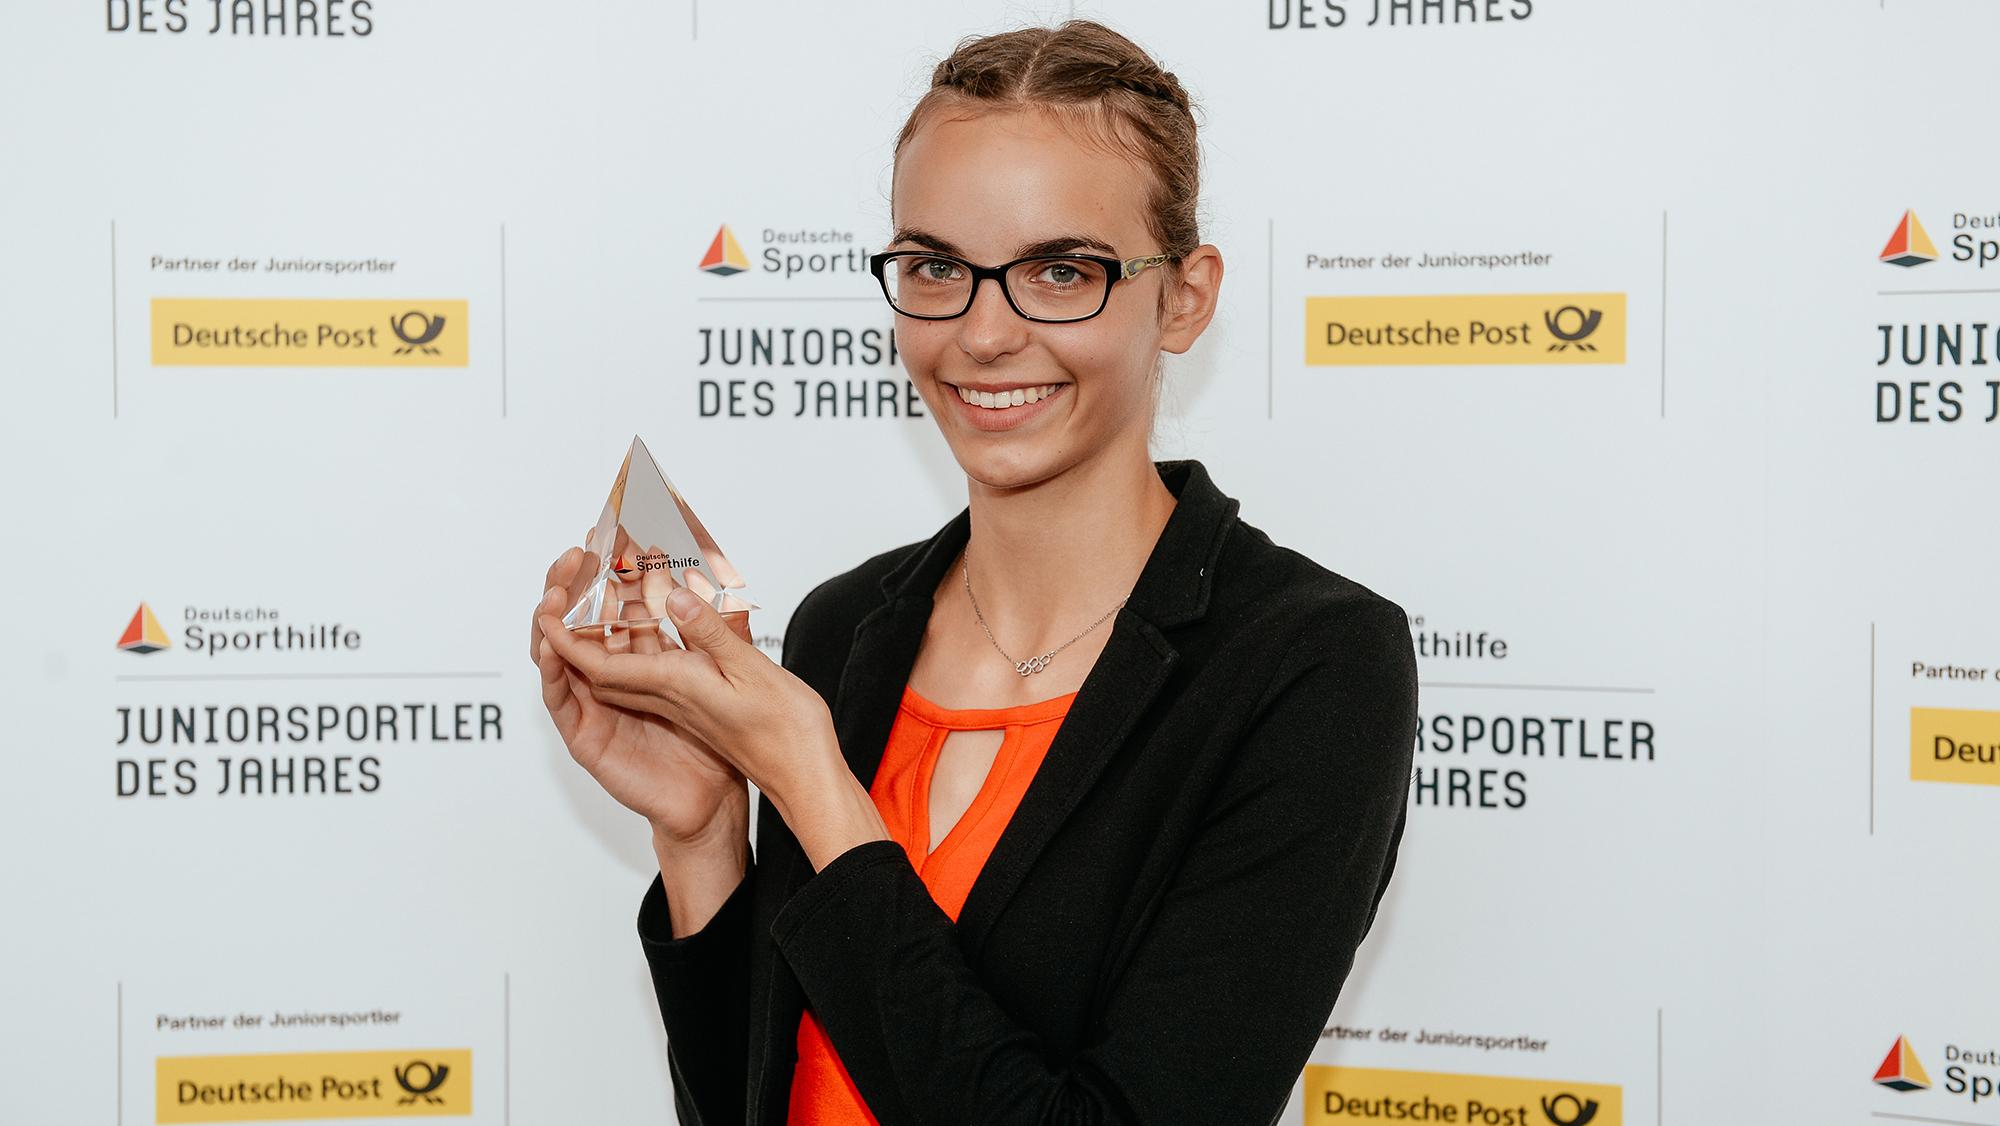 (Foto: Picture Alliance Für Deutsche Sporthilfe)